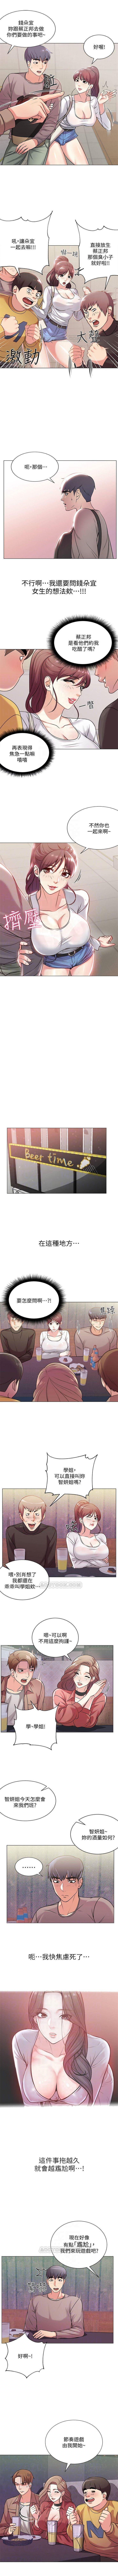 超市的漂亮姐姐 1-27 官方中文(連載中) 60